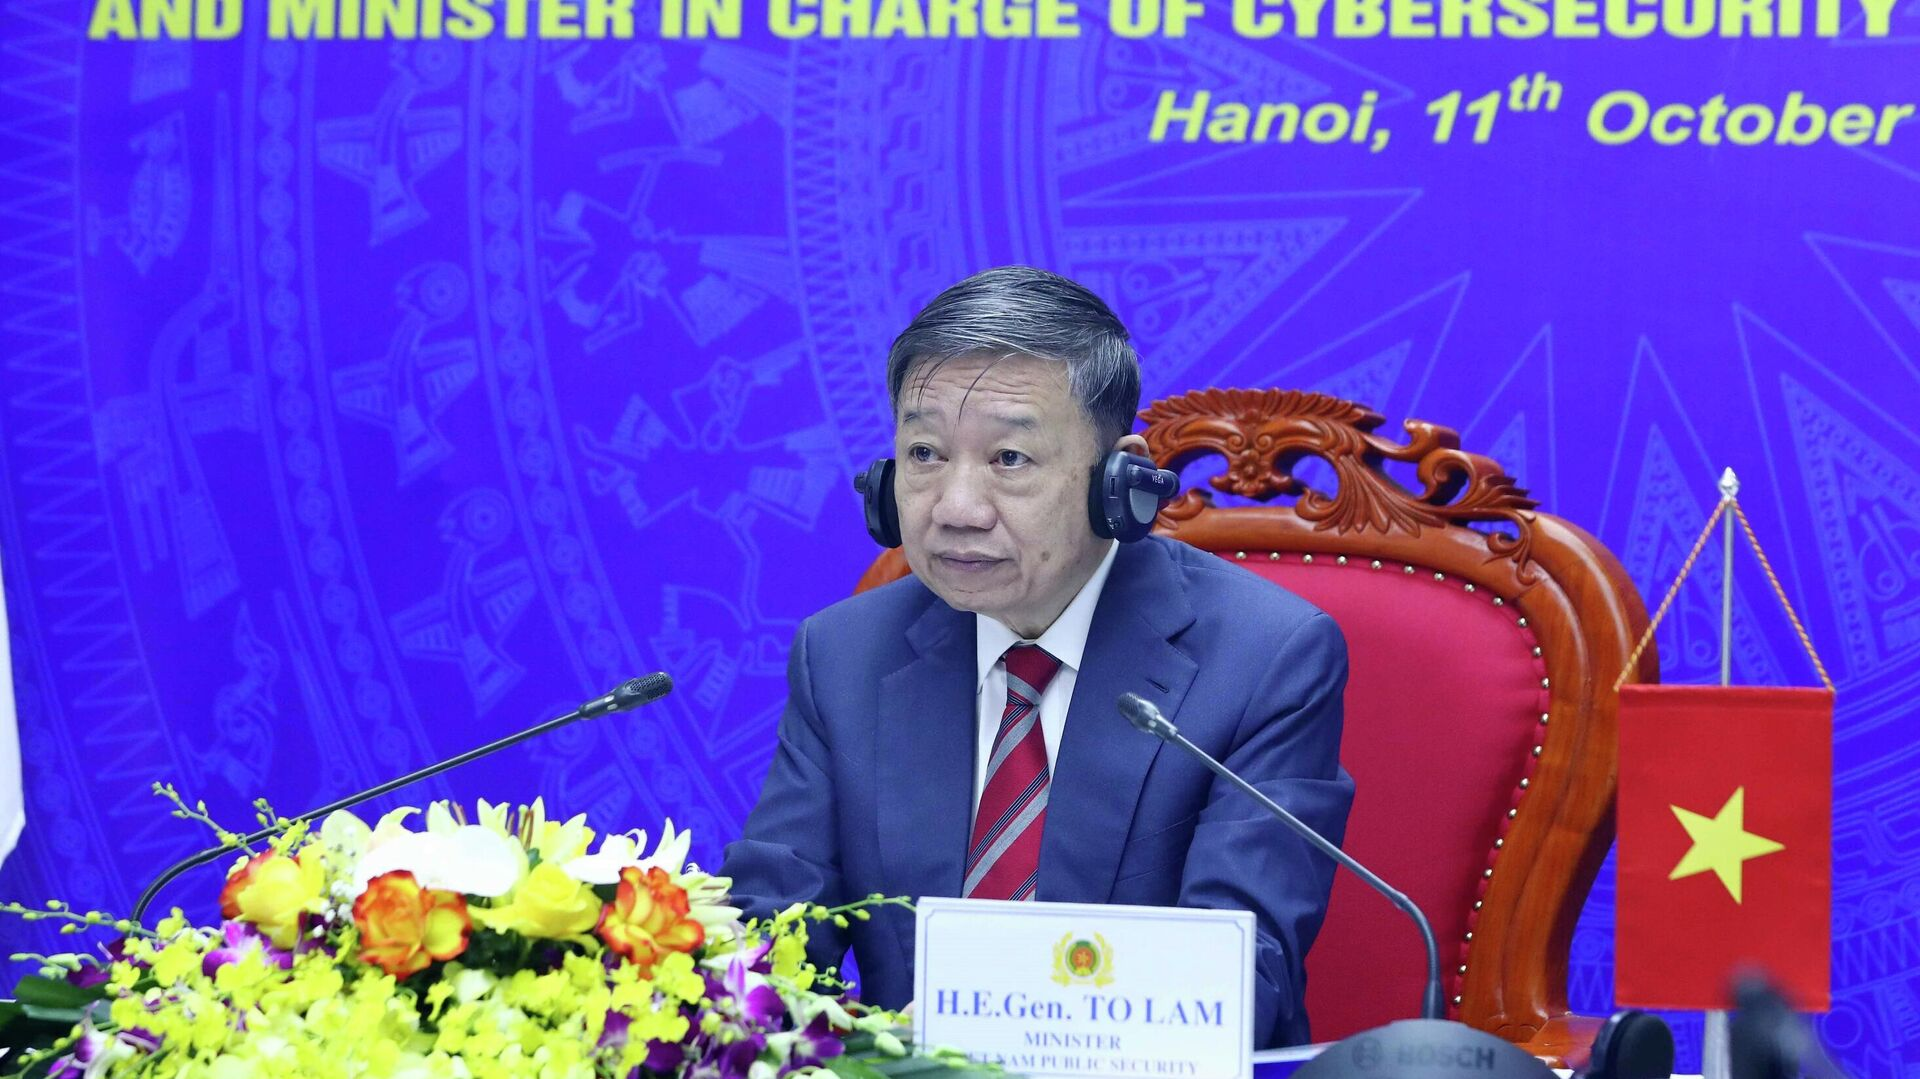 Đại tướng Tô Lâm, Ủy viên Bộ Chính trị, Bộ trưởng Bộ Công an tham dự cuộc họp trực tuyến tại điểm cầu Hà Nội. - Sputnik Việt Nam, 1920, 11.10.2021